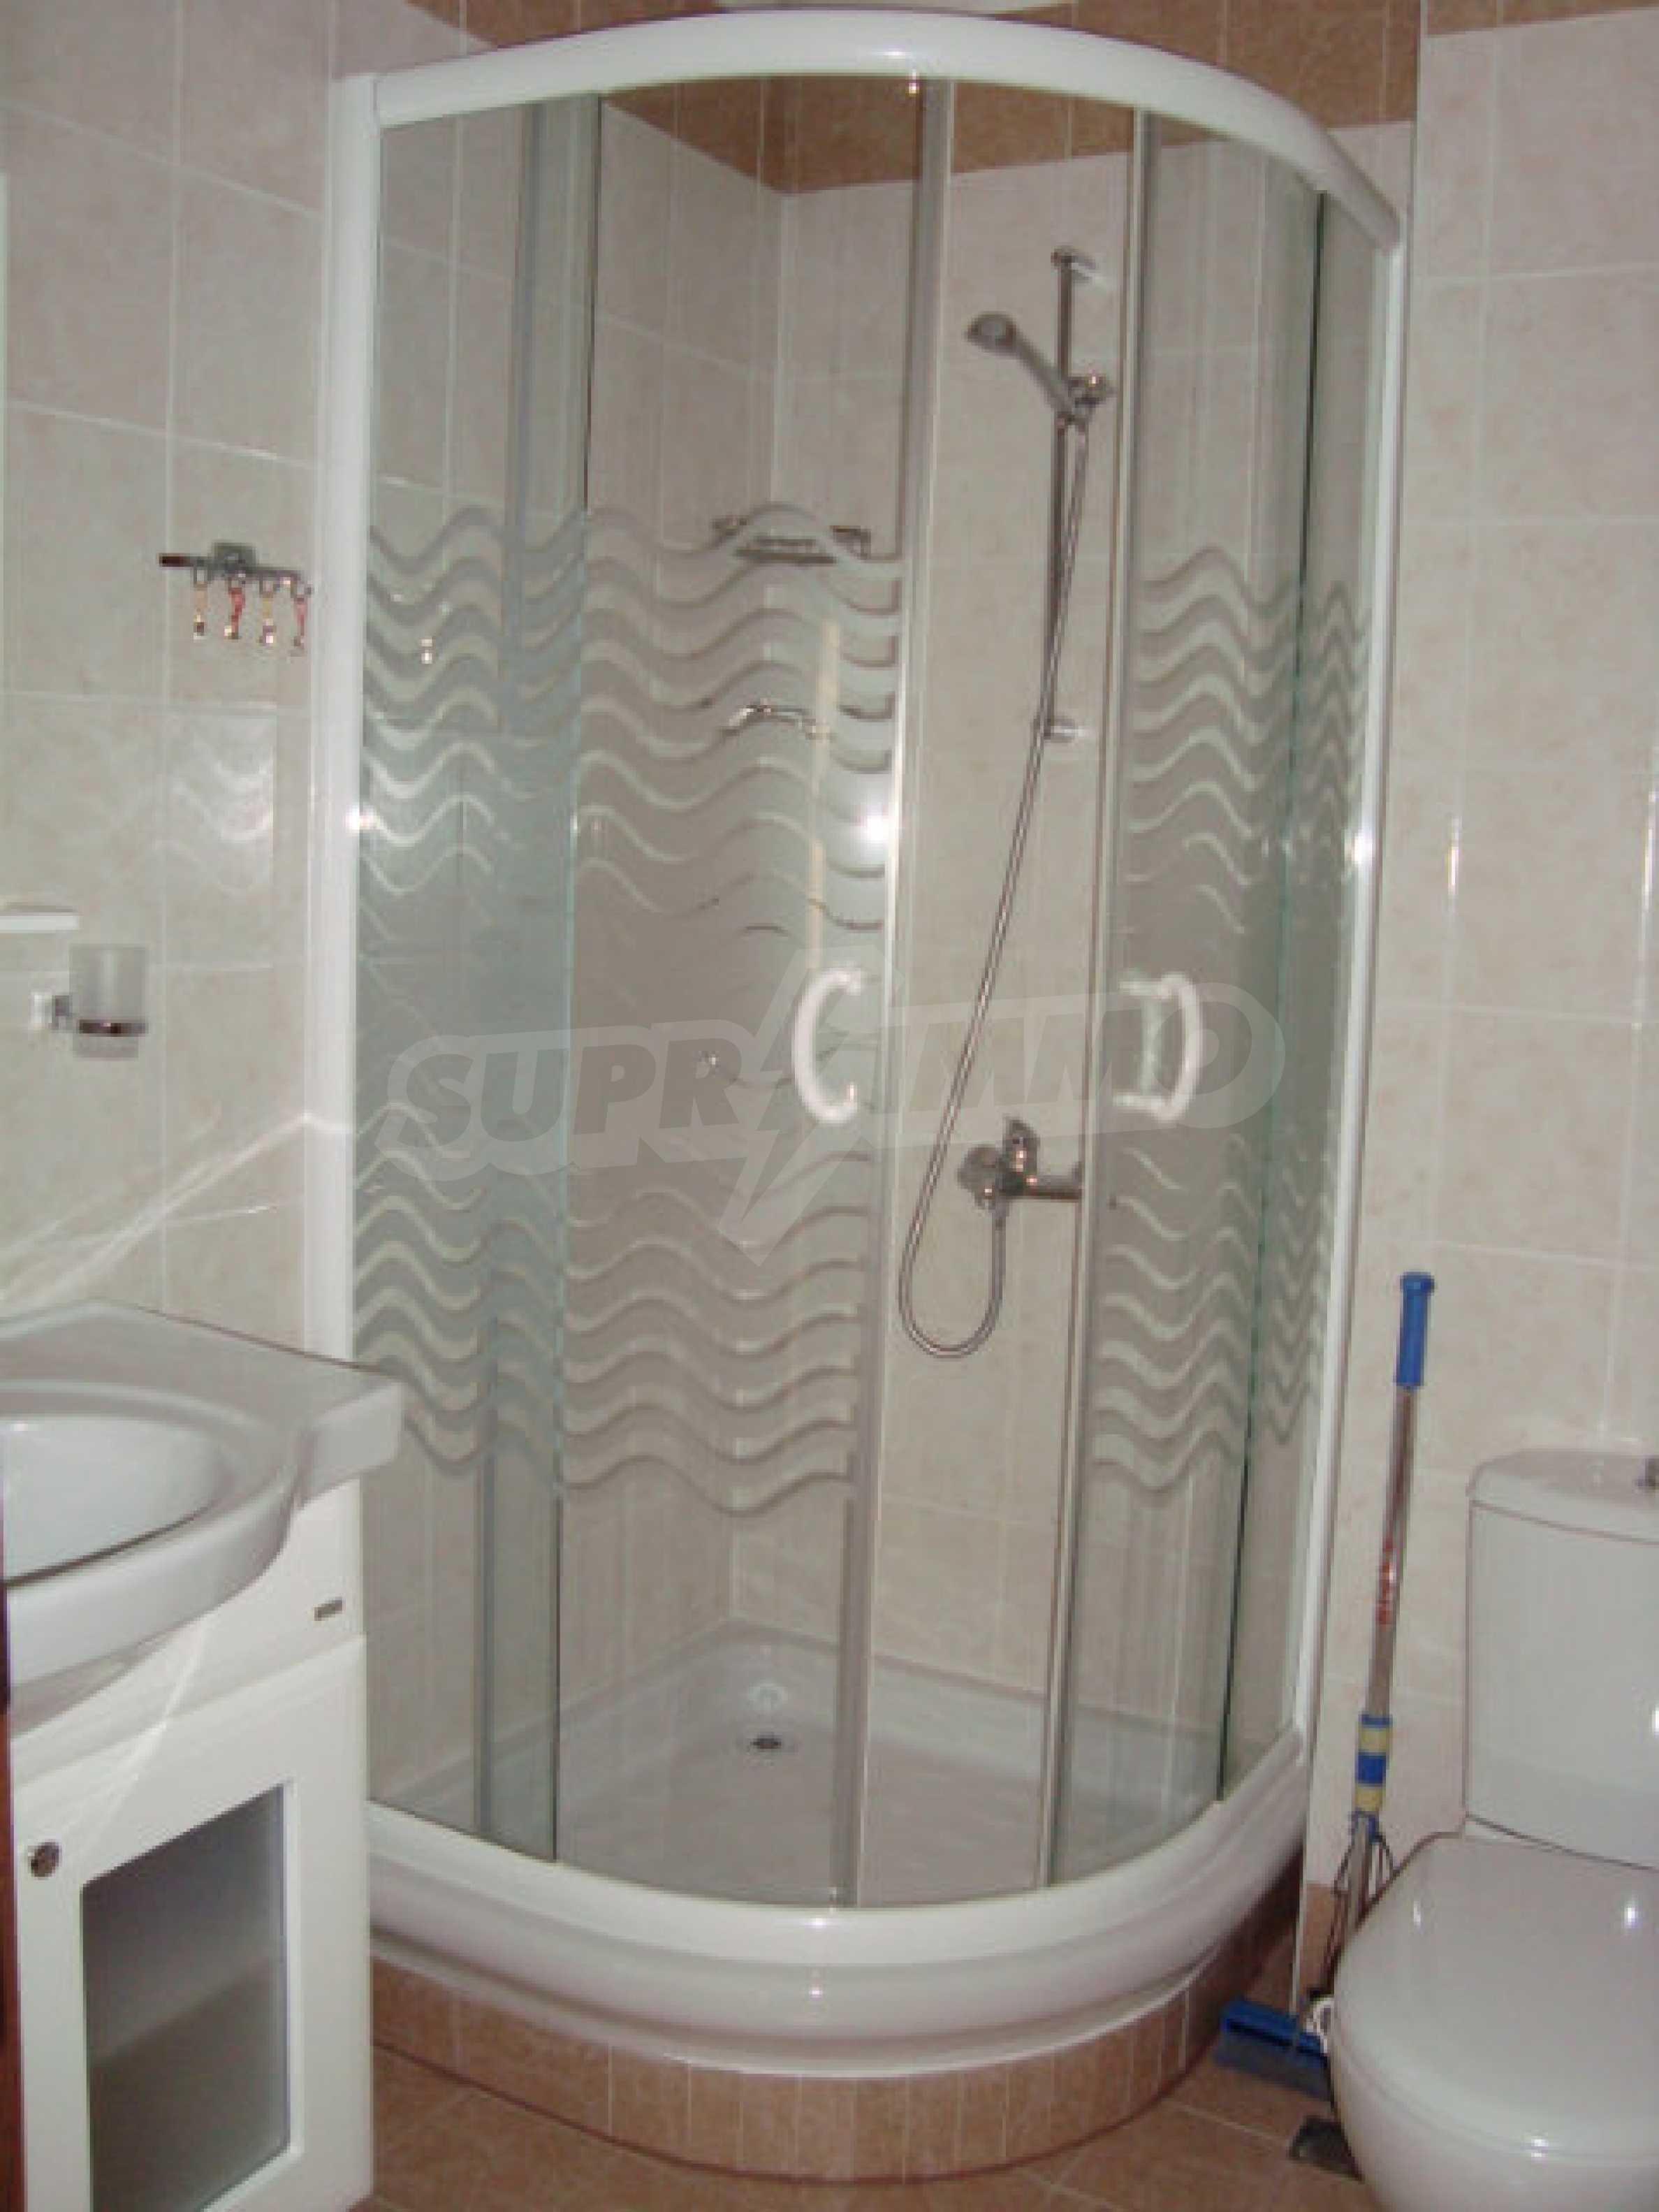 Zwei-Zimmer-Wohnung in Saint Nicholas Komplex in Chernomorets 11